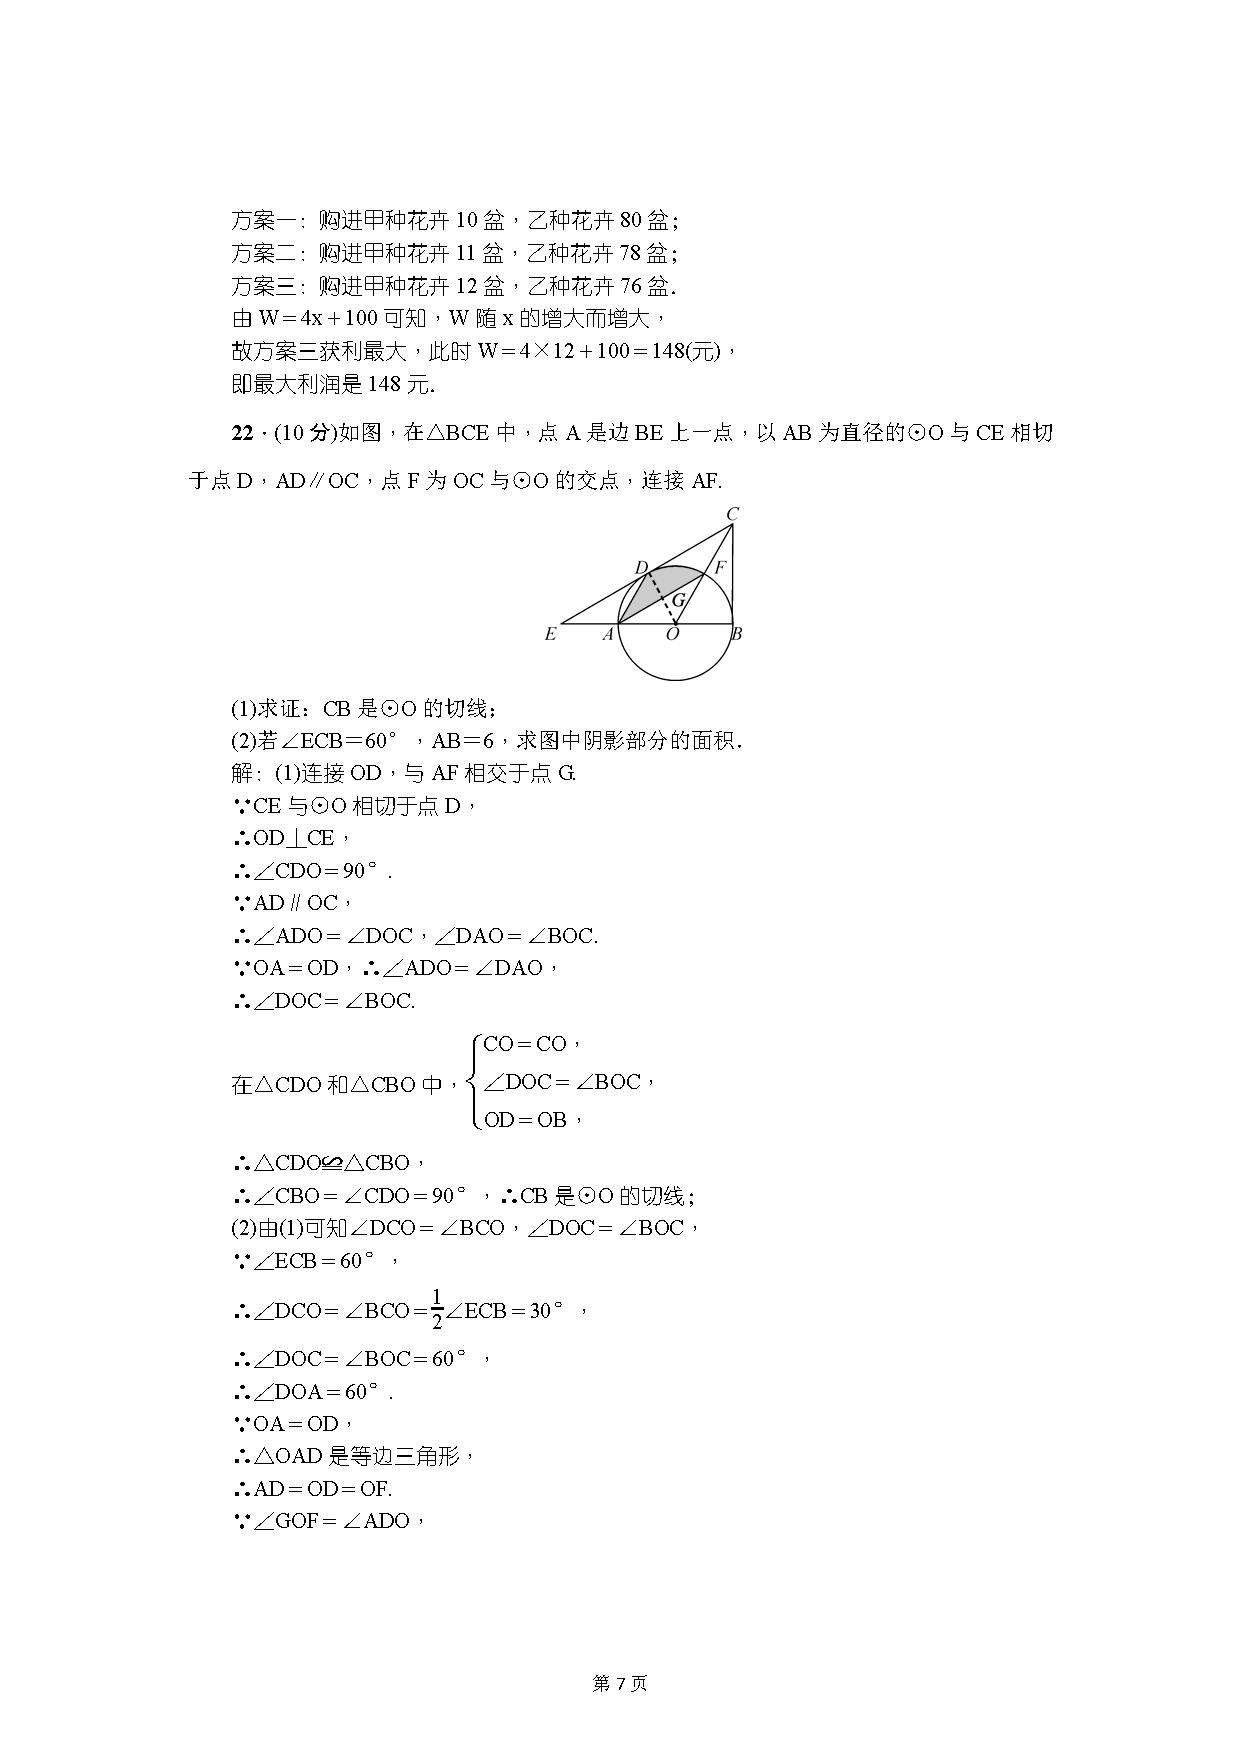 2018云南初中学业水平考试模拟预测题2(图片版)